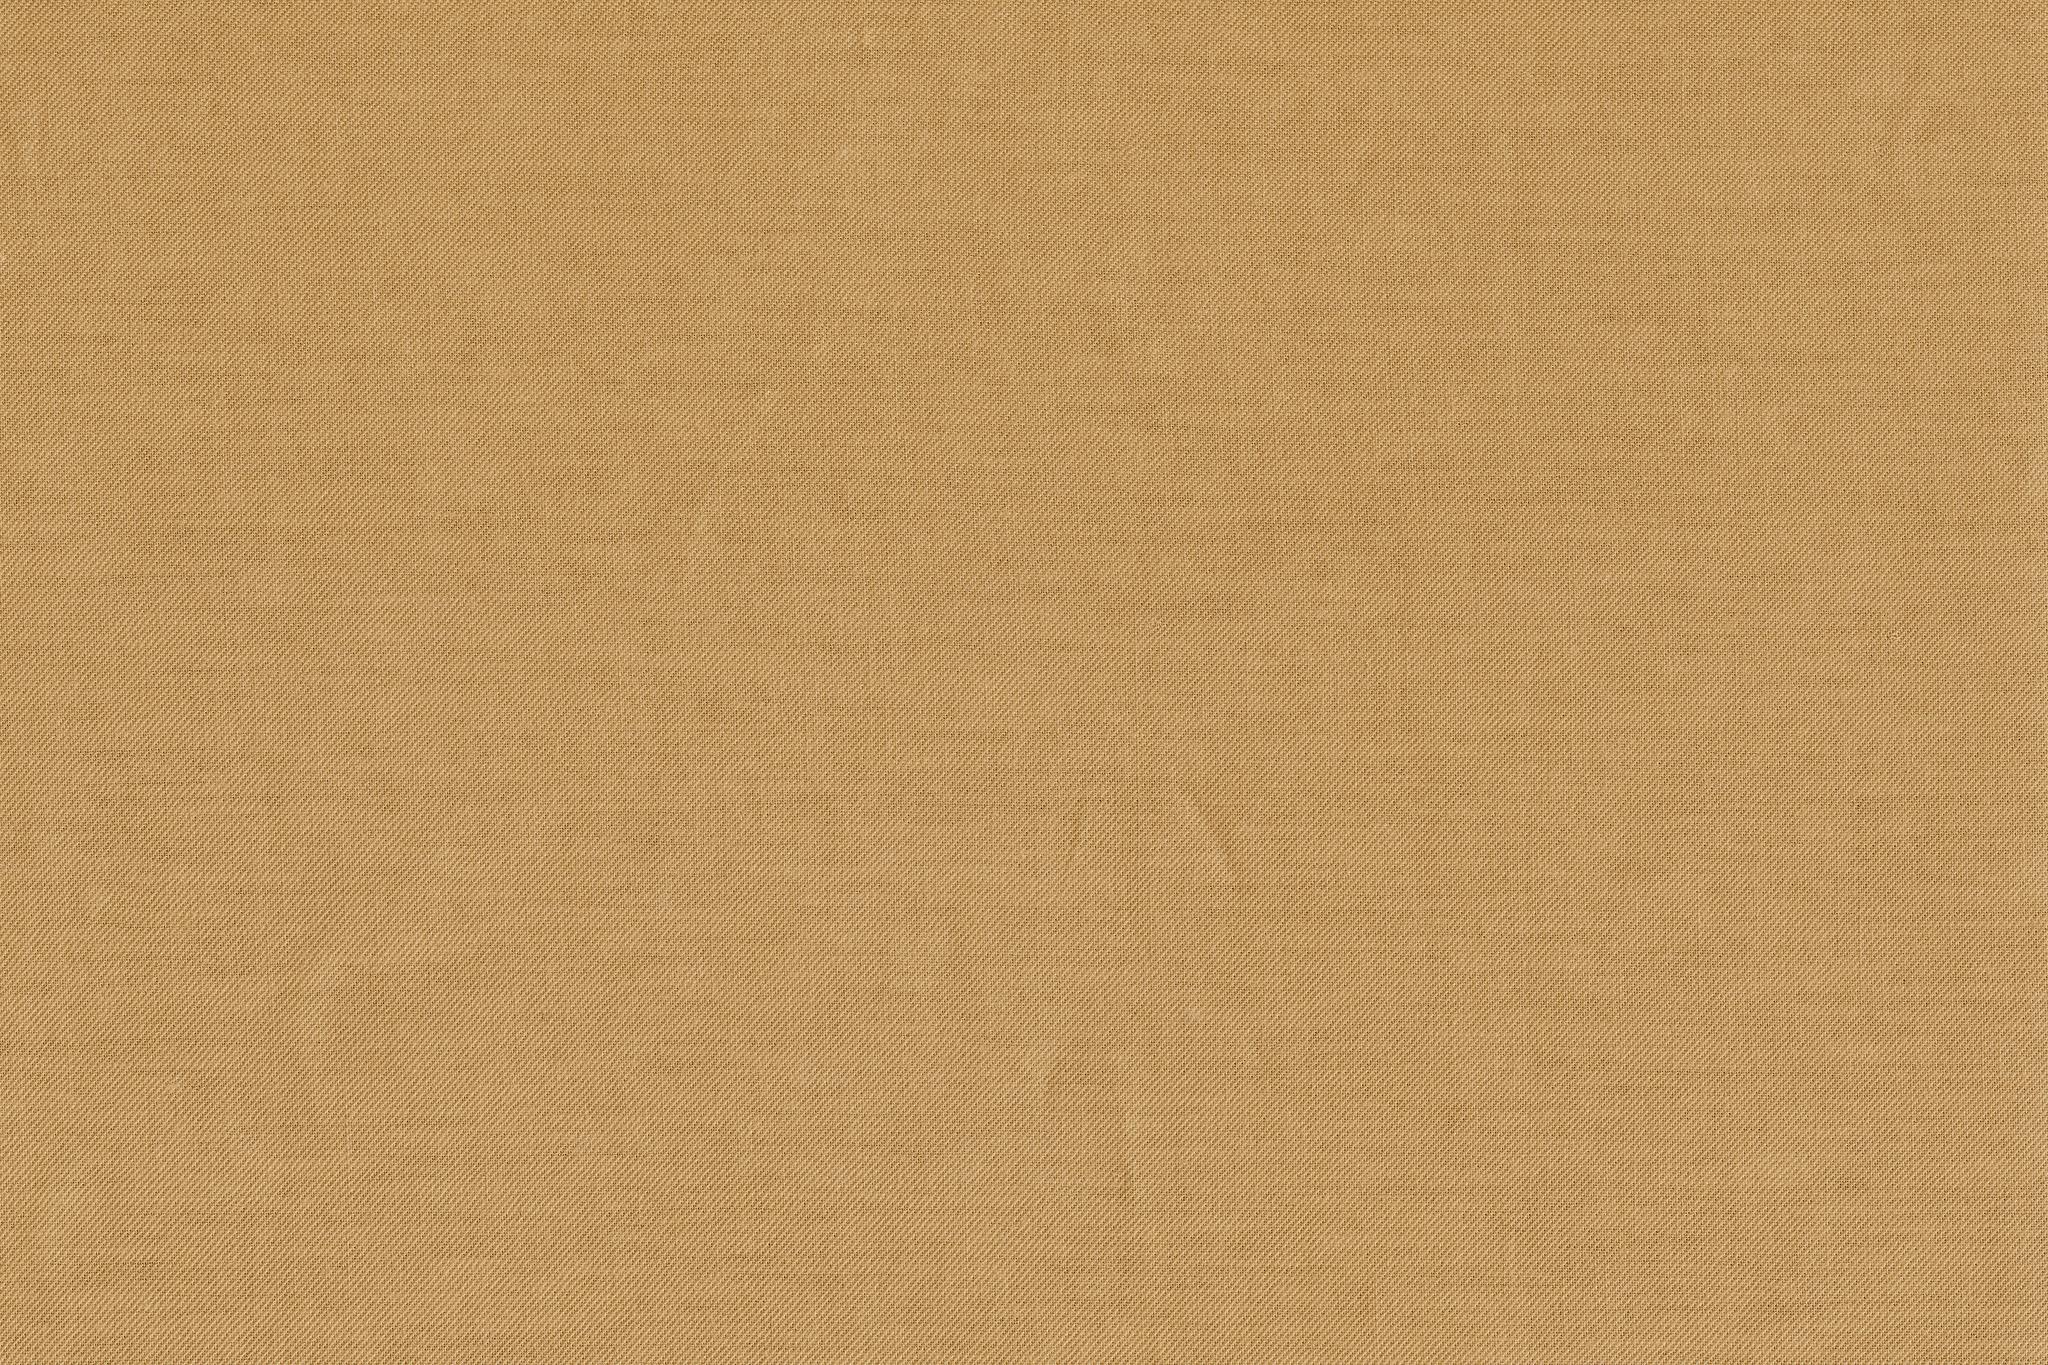 「茶色いコットンの布地」の画像を無料ダウンロード